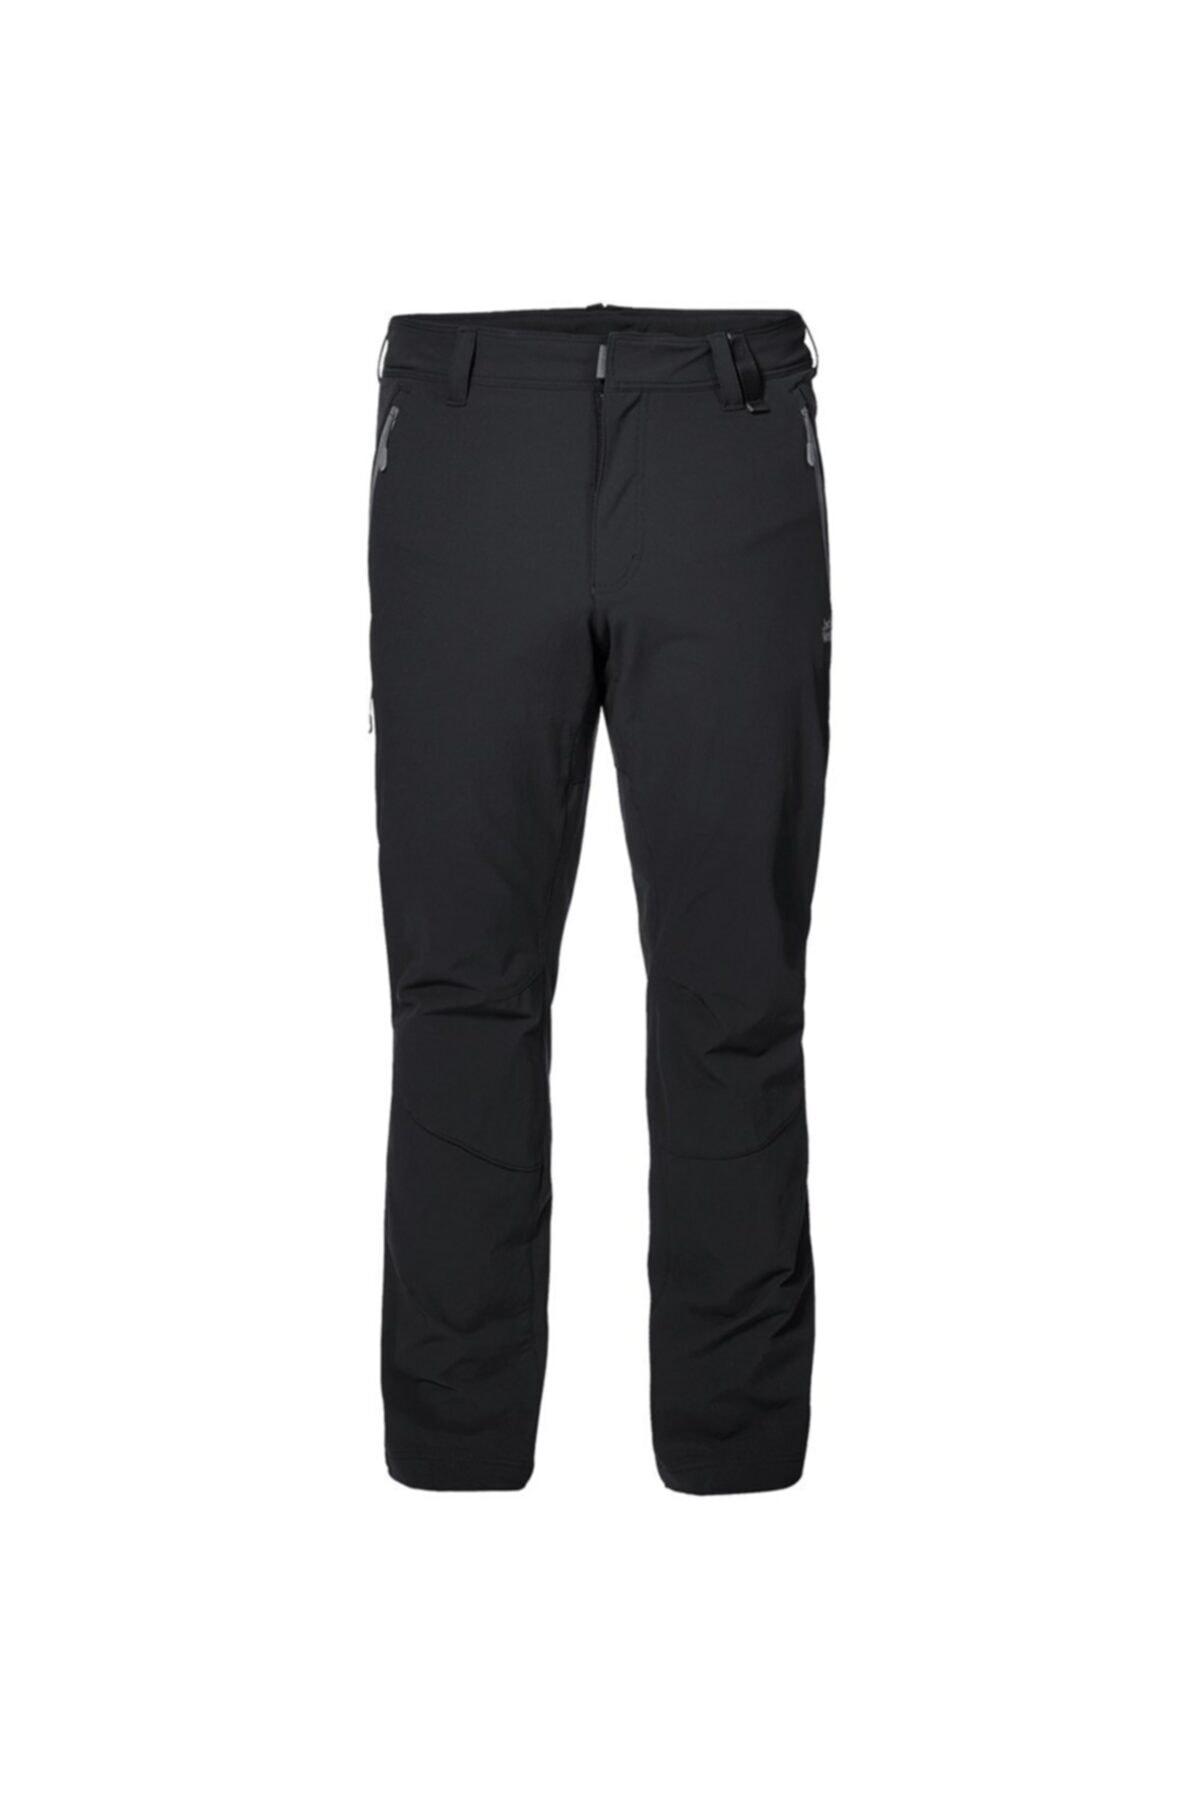 Jack Wolfskin Xt Erkek Outdoor Pantolonu 1